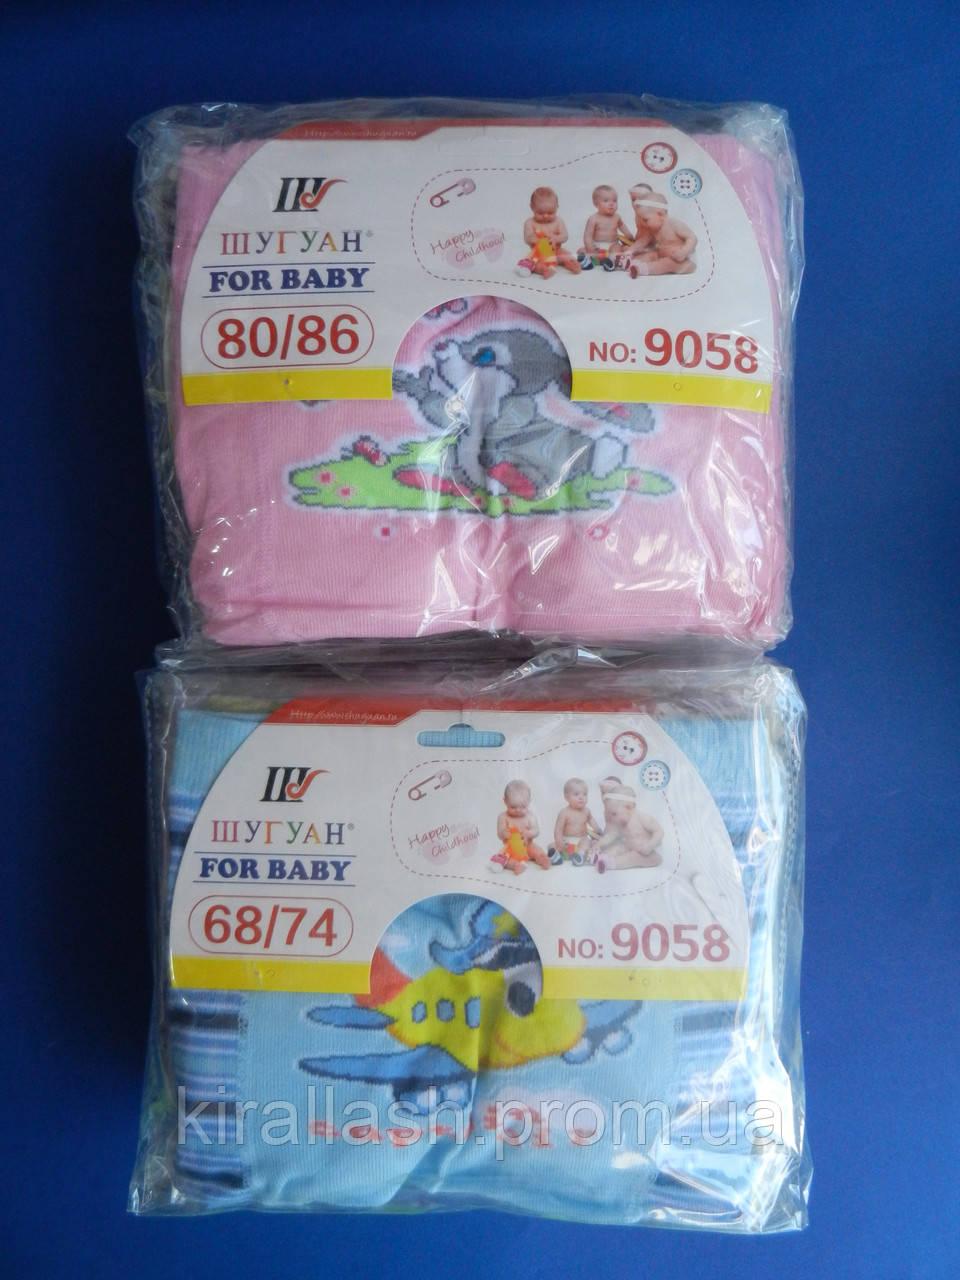 """Детские (68-74) колготки хлопок для девочек и мальчиков """"Шугуан"""" БЕБИКИ на попе с рисунком"""